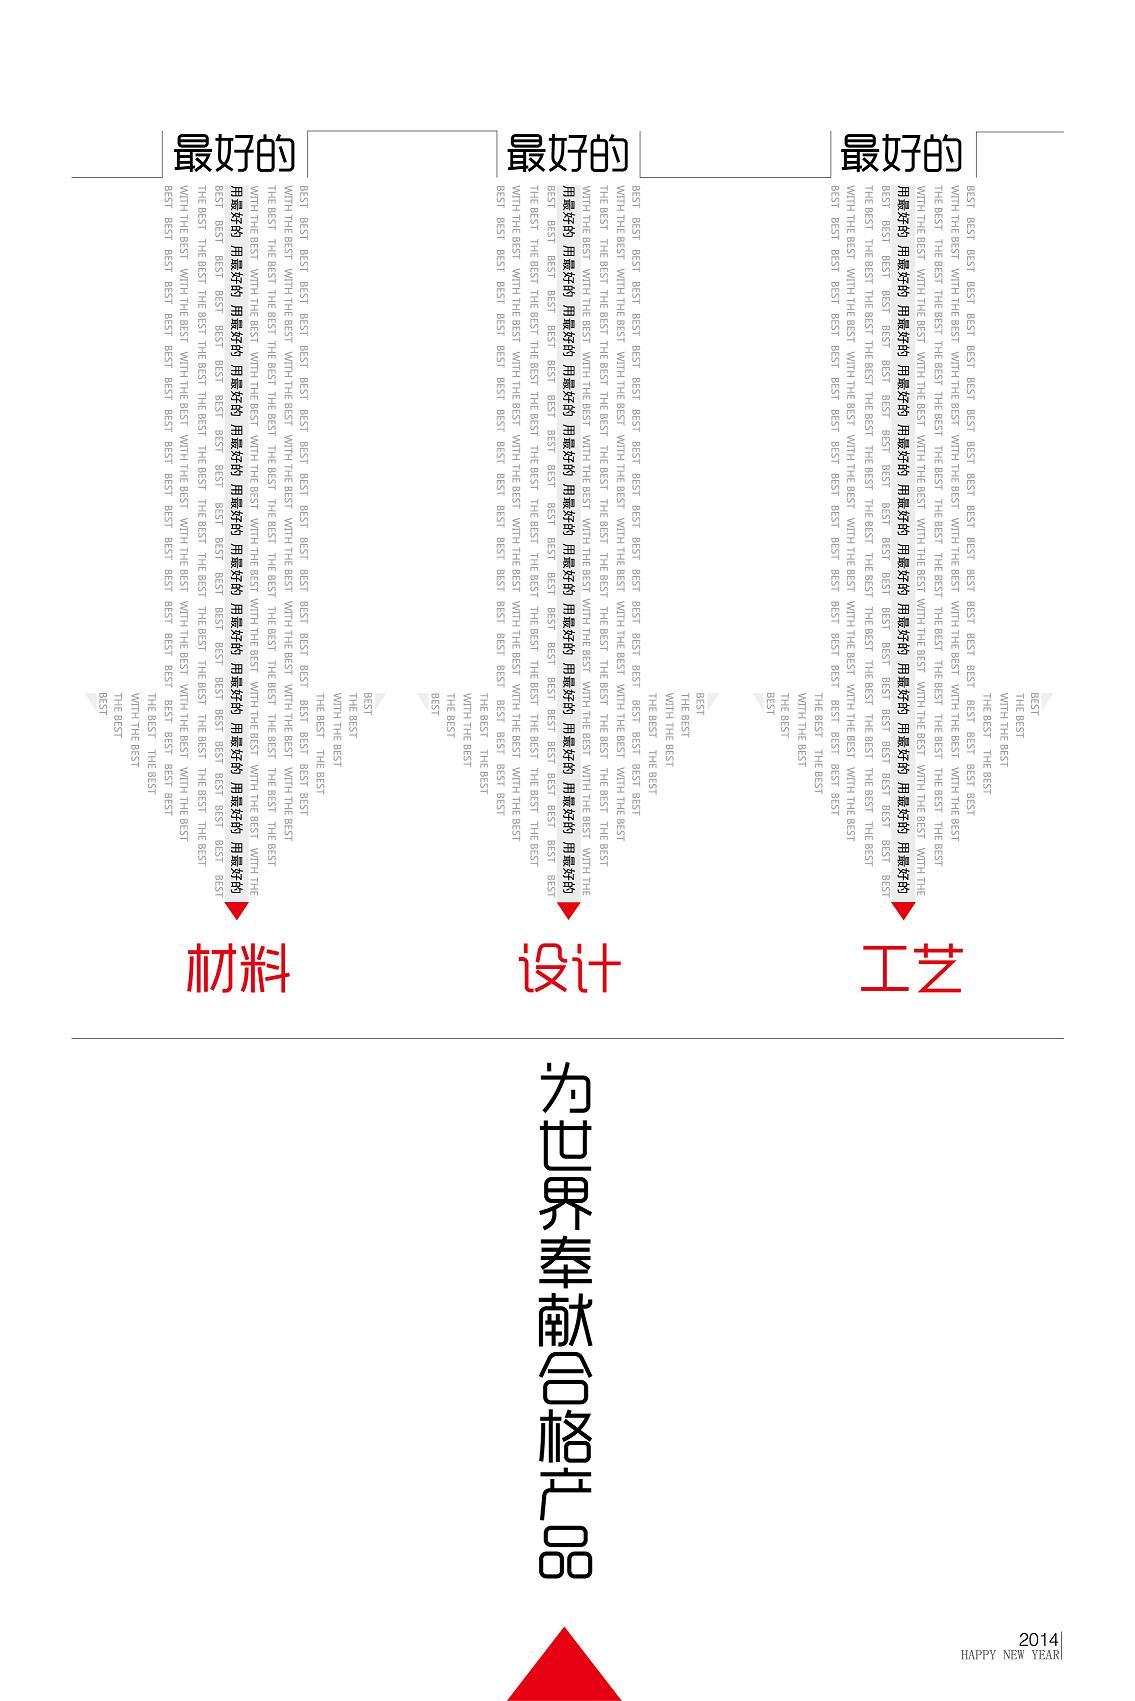 深圳爱特天翔科技有限公司简况